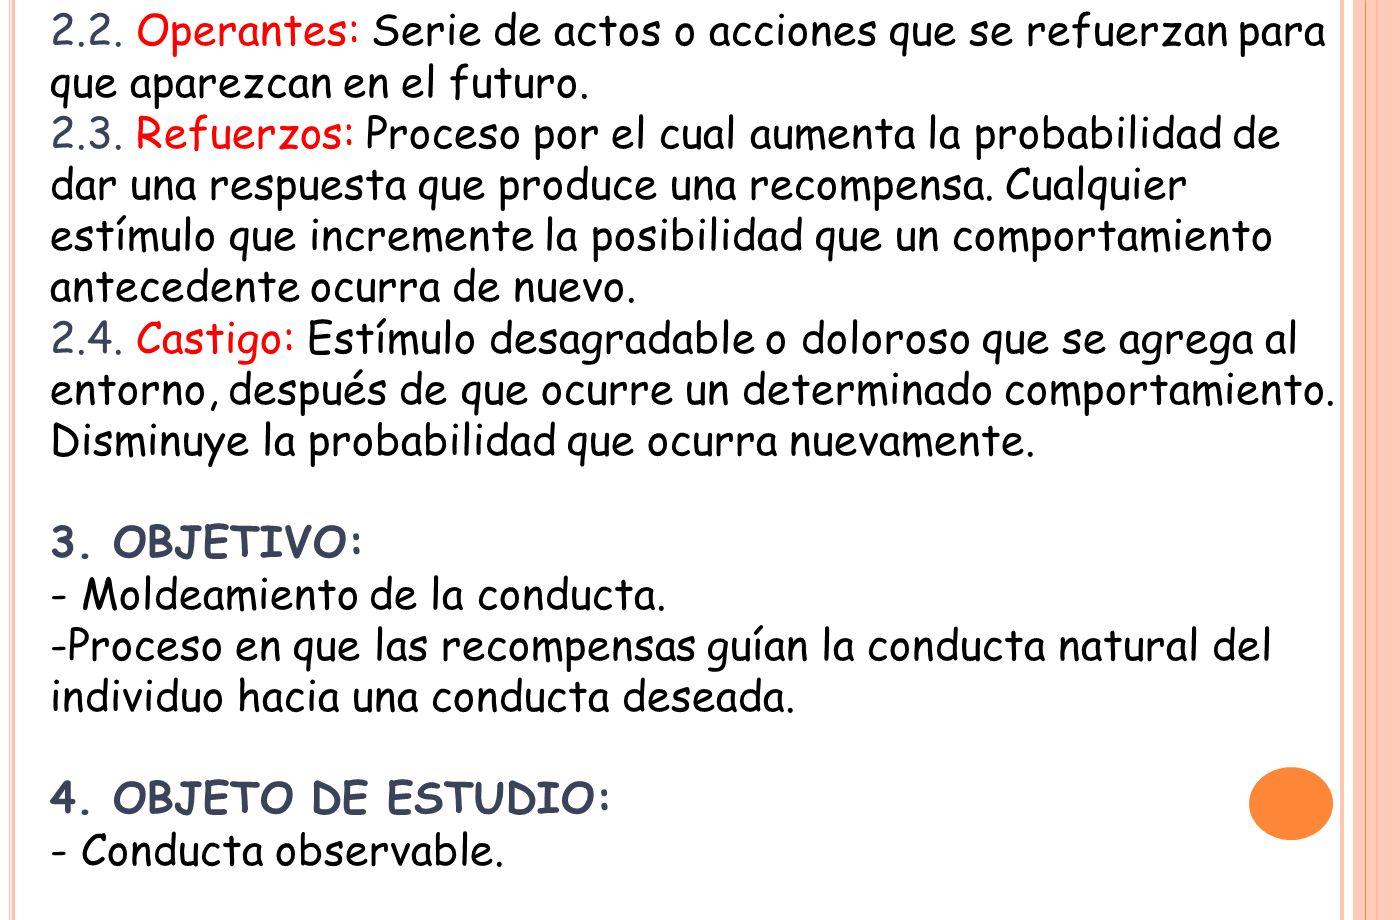 2.2. Operantes: Serie de actos o acciones que se refuerzan para que aparezcan en el futuro.